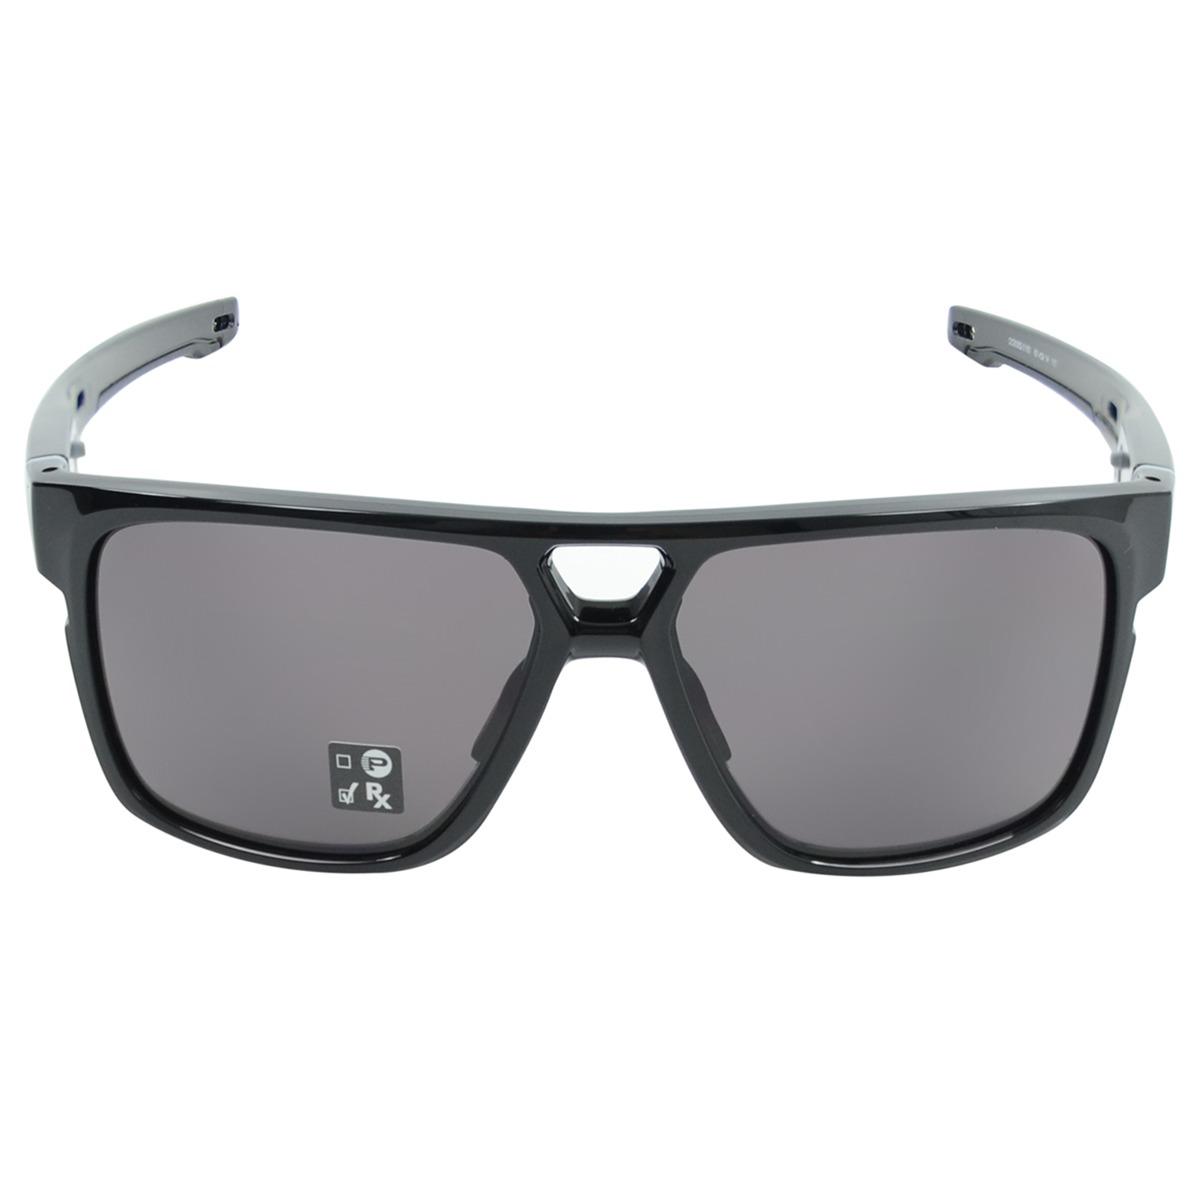 bc679062e9883 Óculos Oakley Crossrange Patch Polished Preto - R  600,00 em Mercado ...